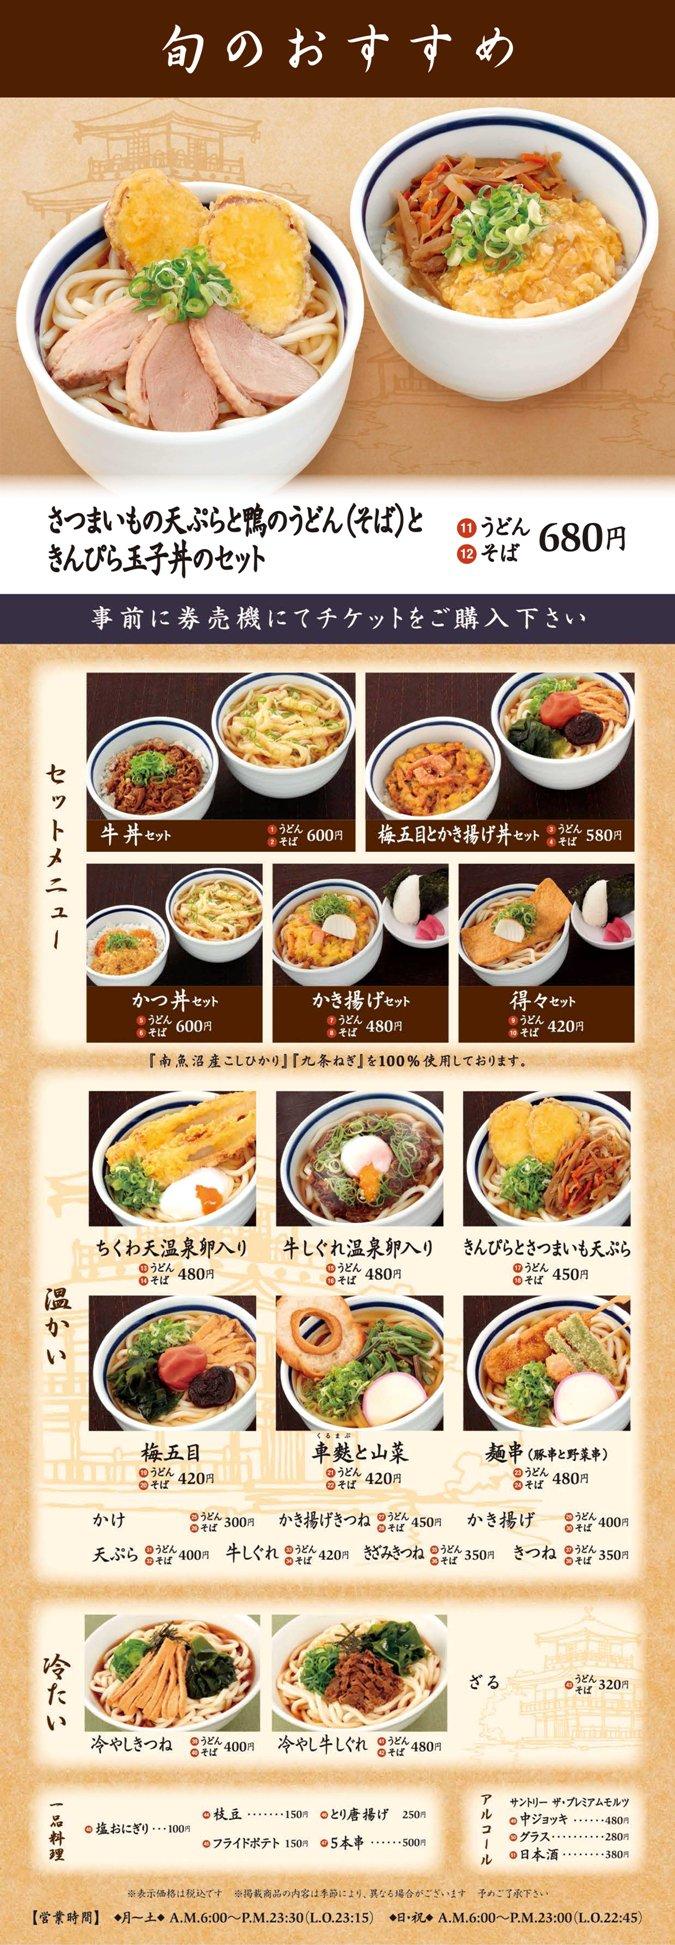 20121201 麺串 冬のおすすめ.jpg